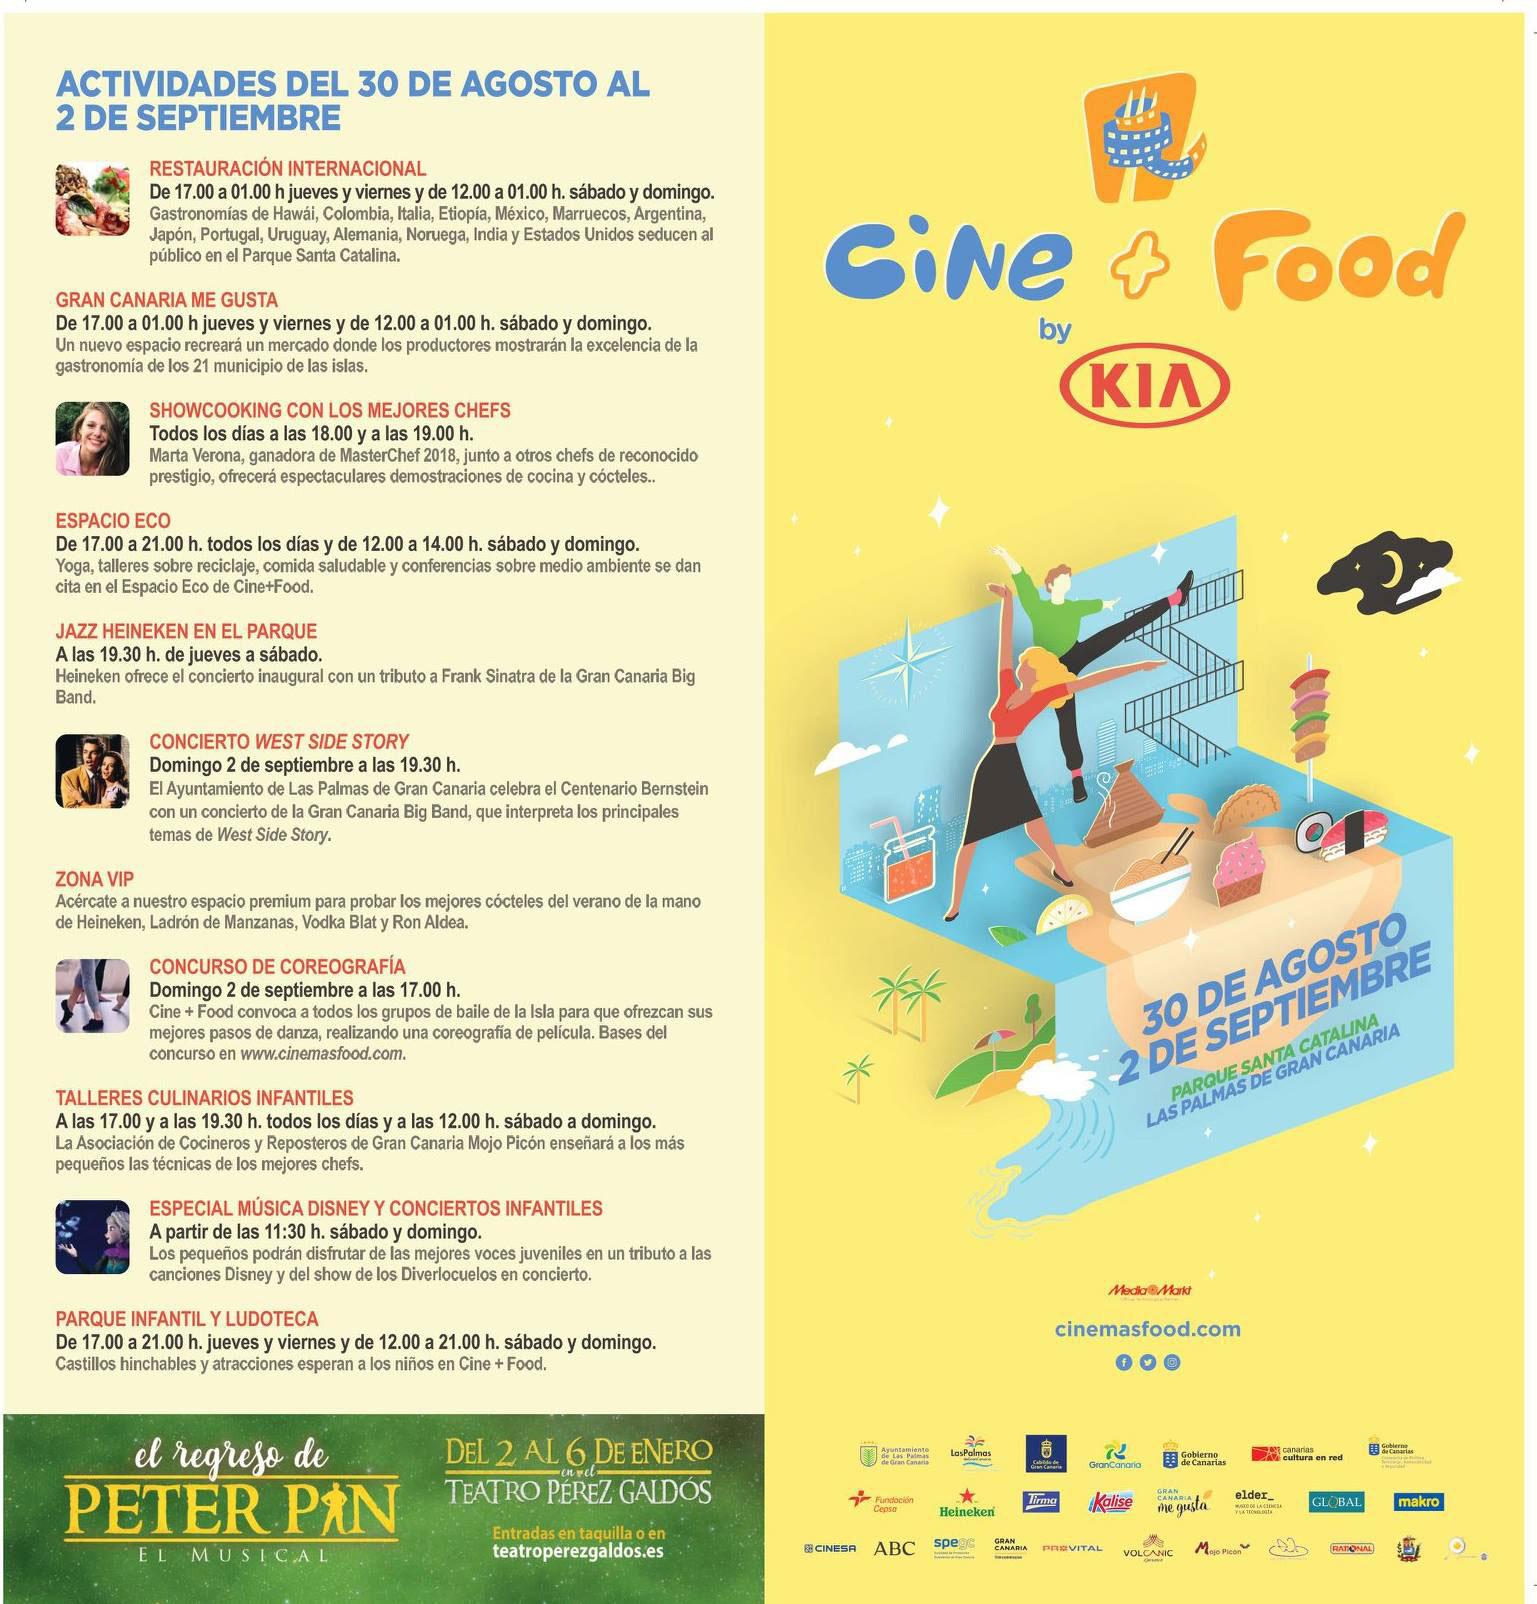 Cine+Food reúne este fin de semana la gastronomía de los cuatro continentes en su primera edición sostenible.